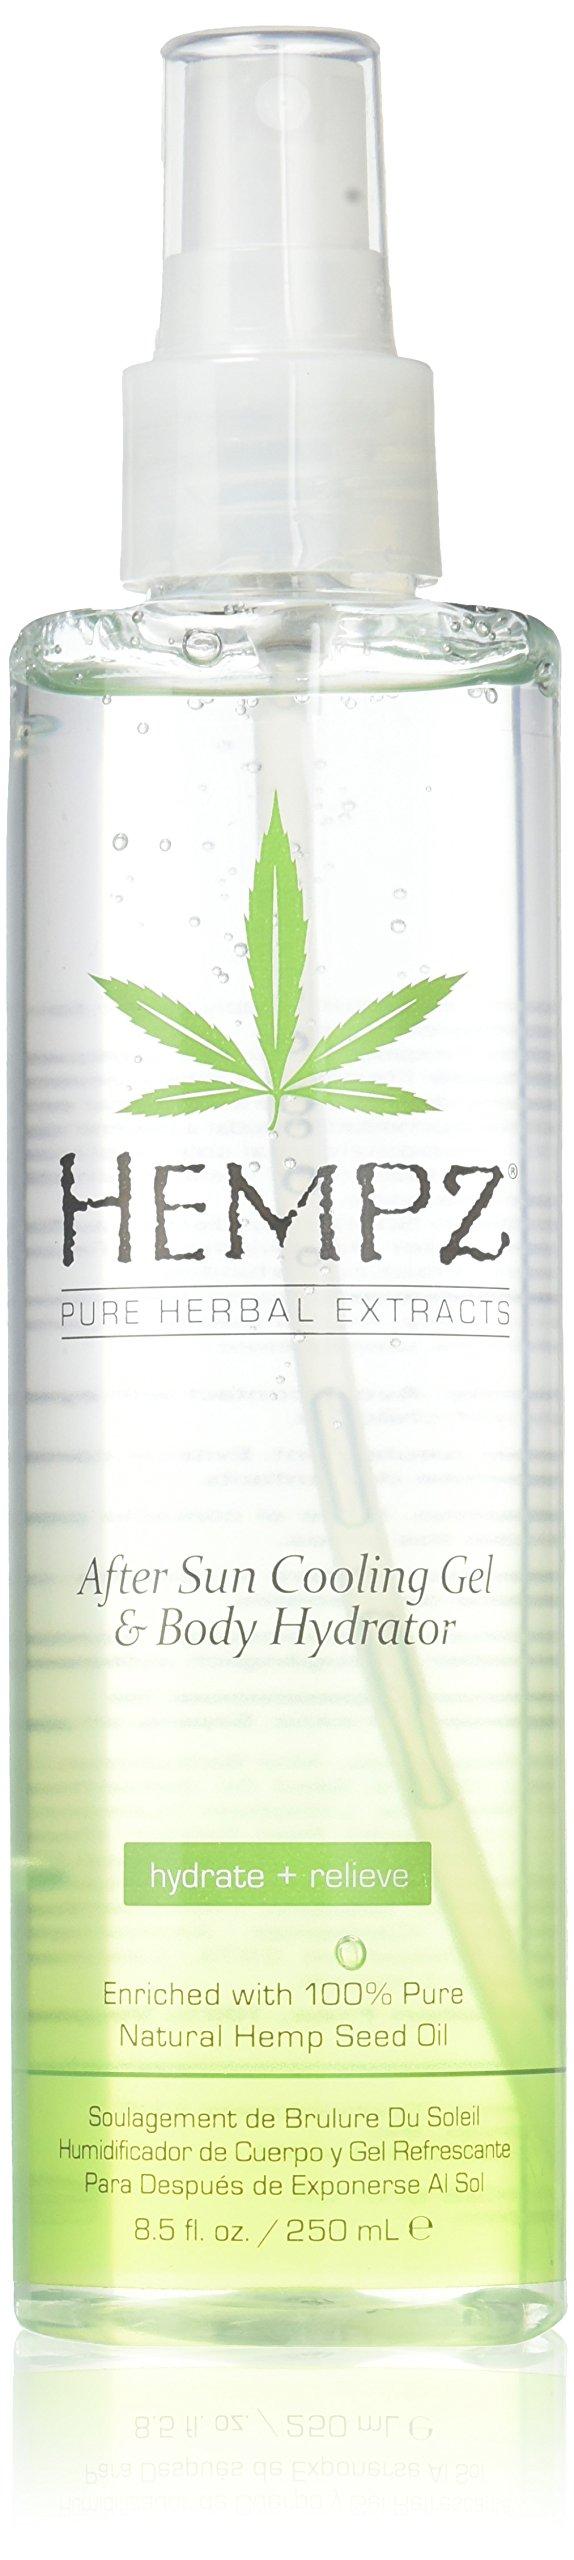 Hempz After Sun Cooling Gel and Body Hydrator, Clear, Peach Nectar, 8.5 Fluid Ounce